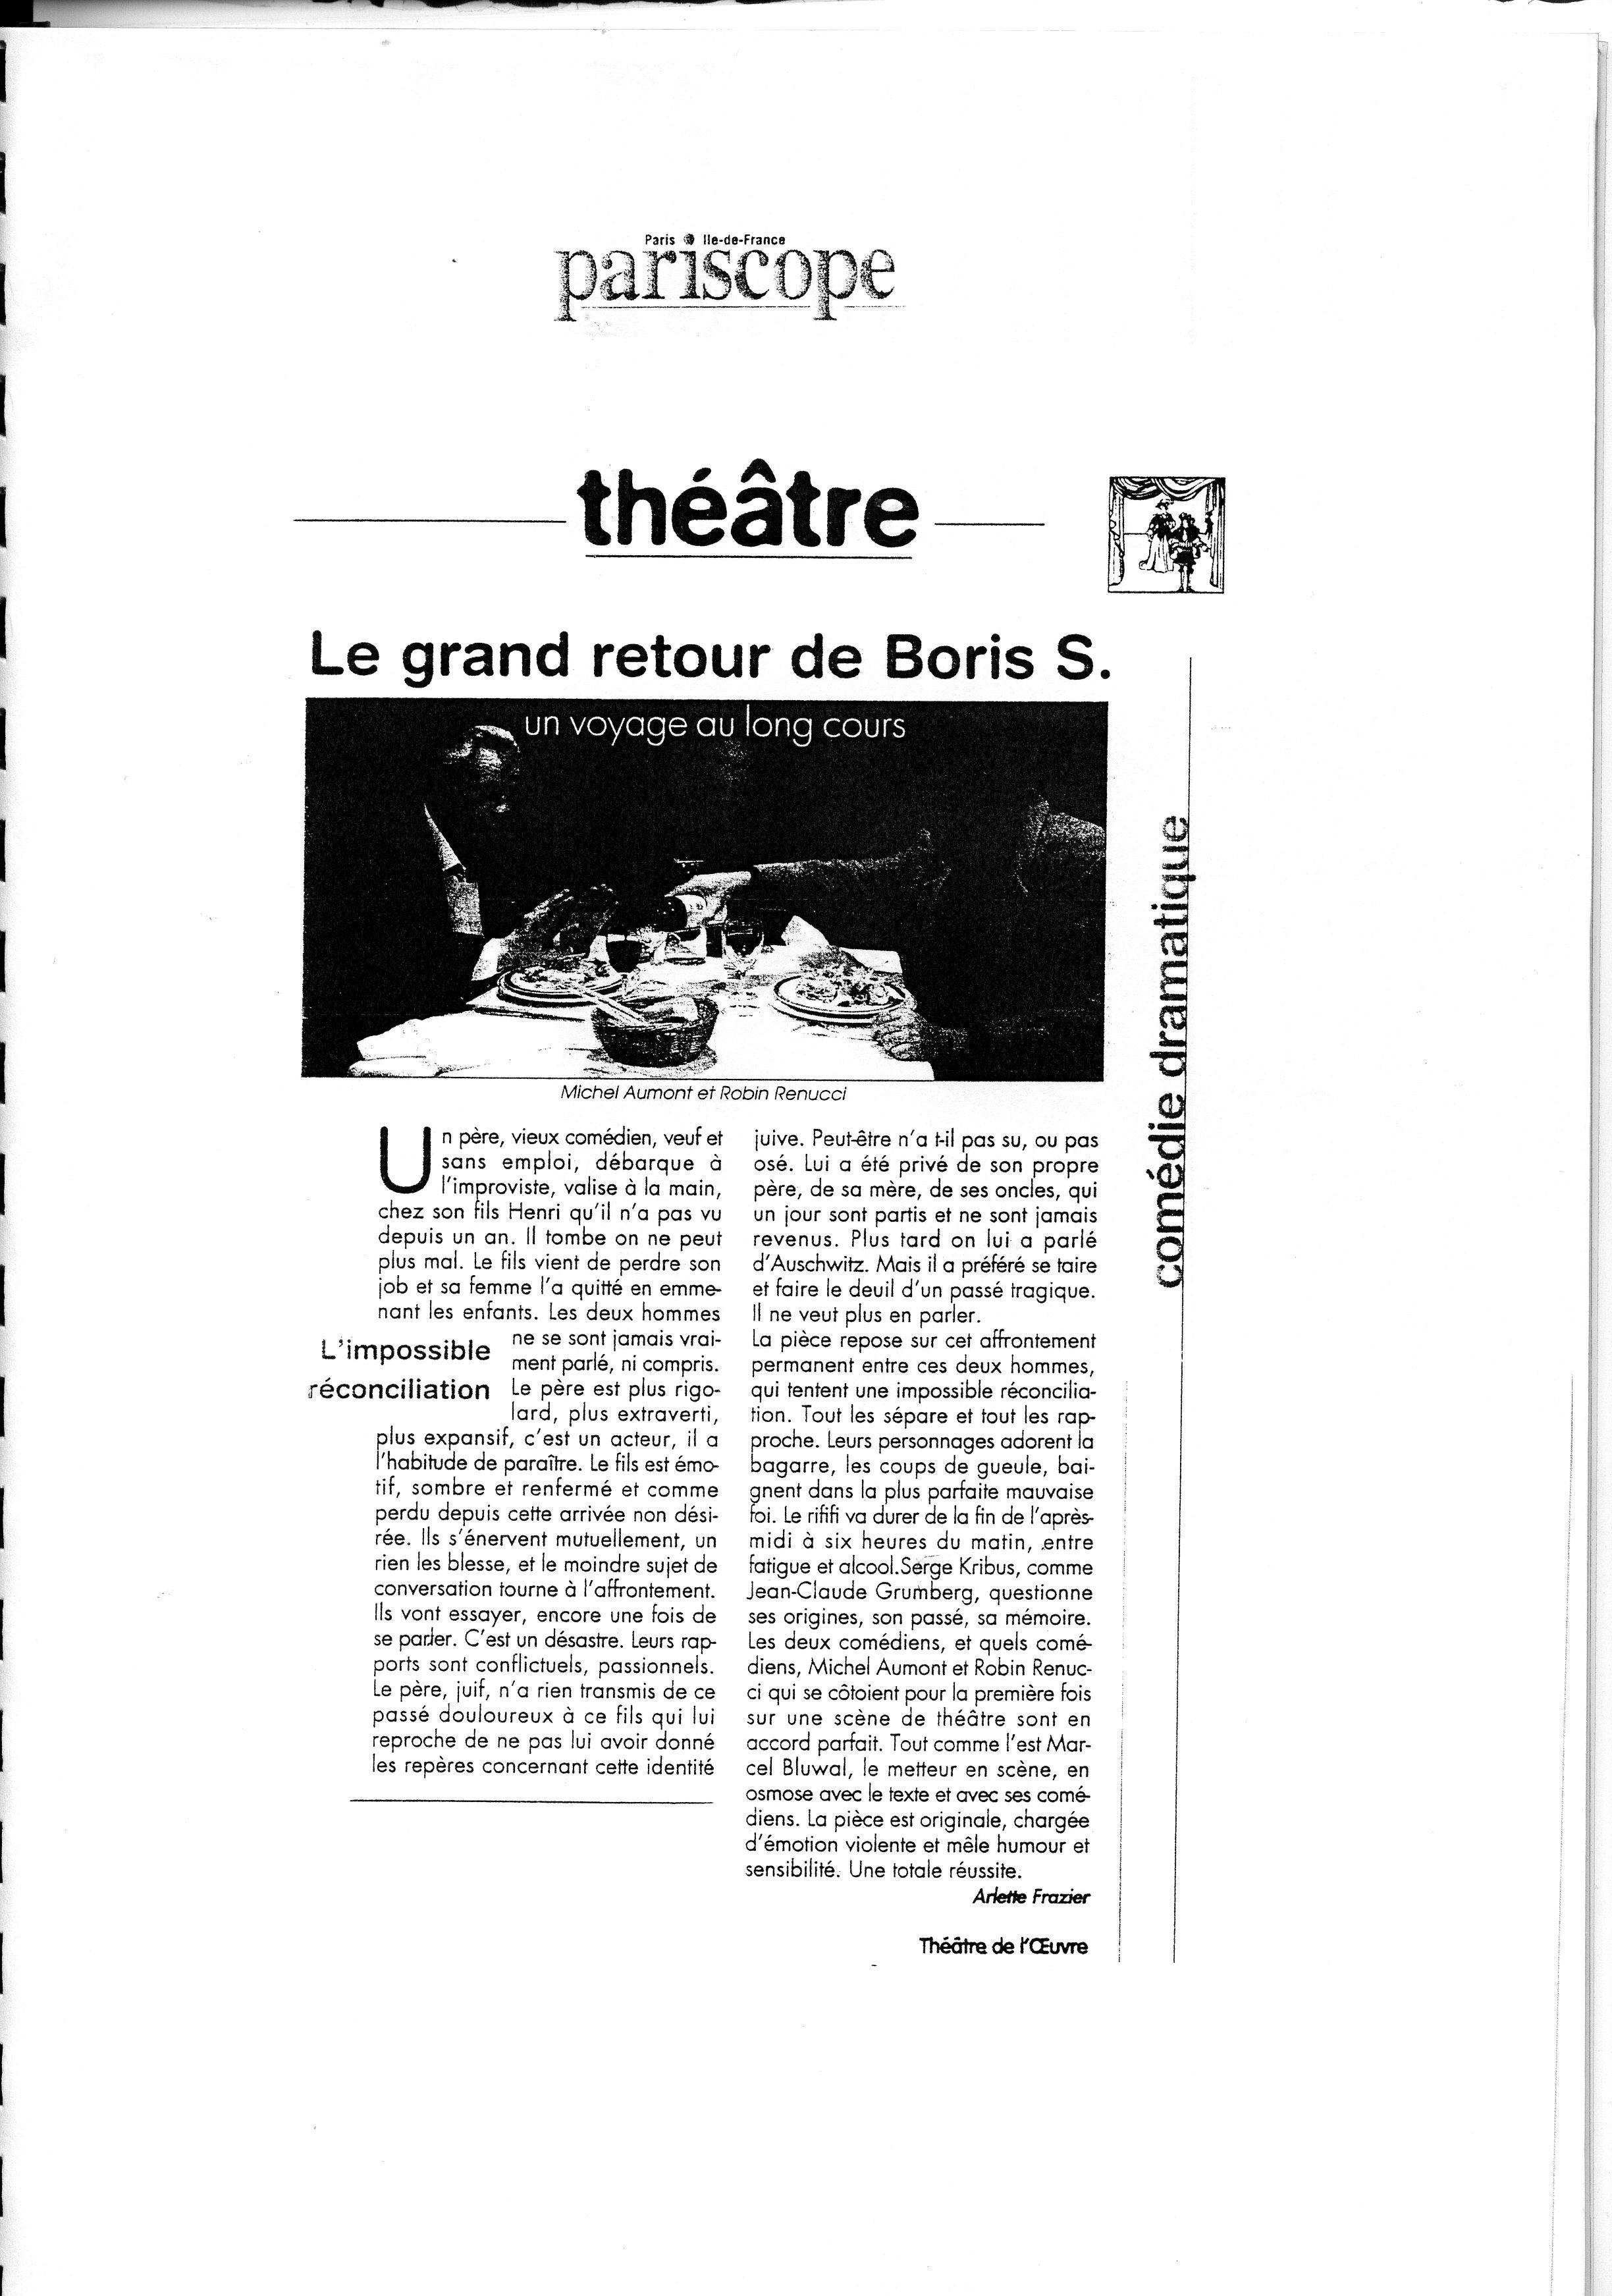 Pariscope.jpg